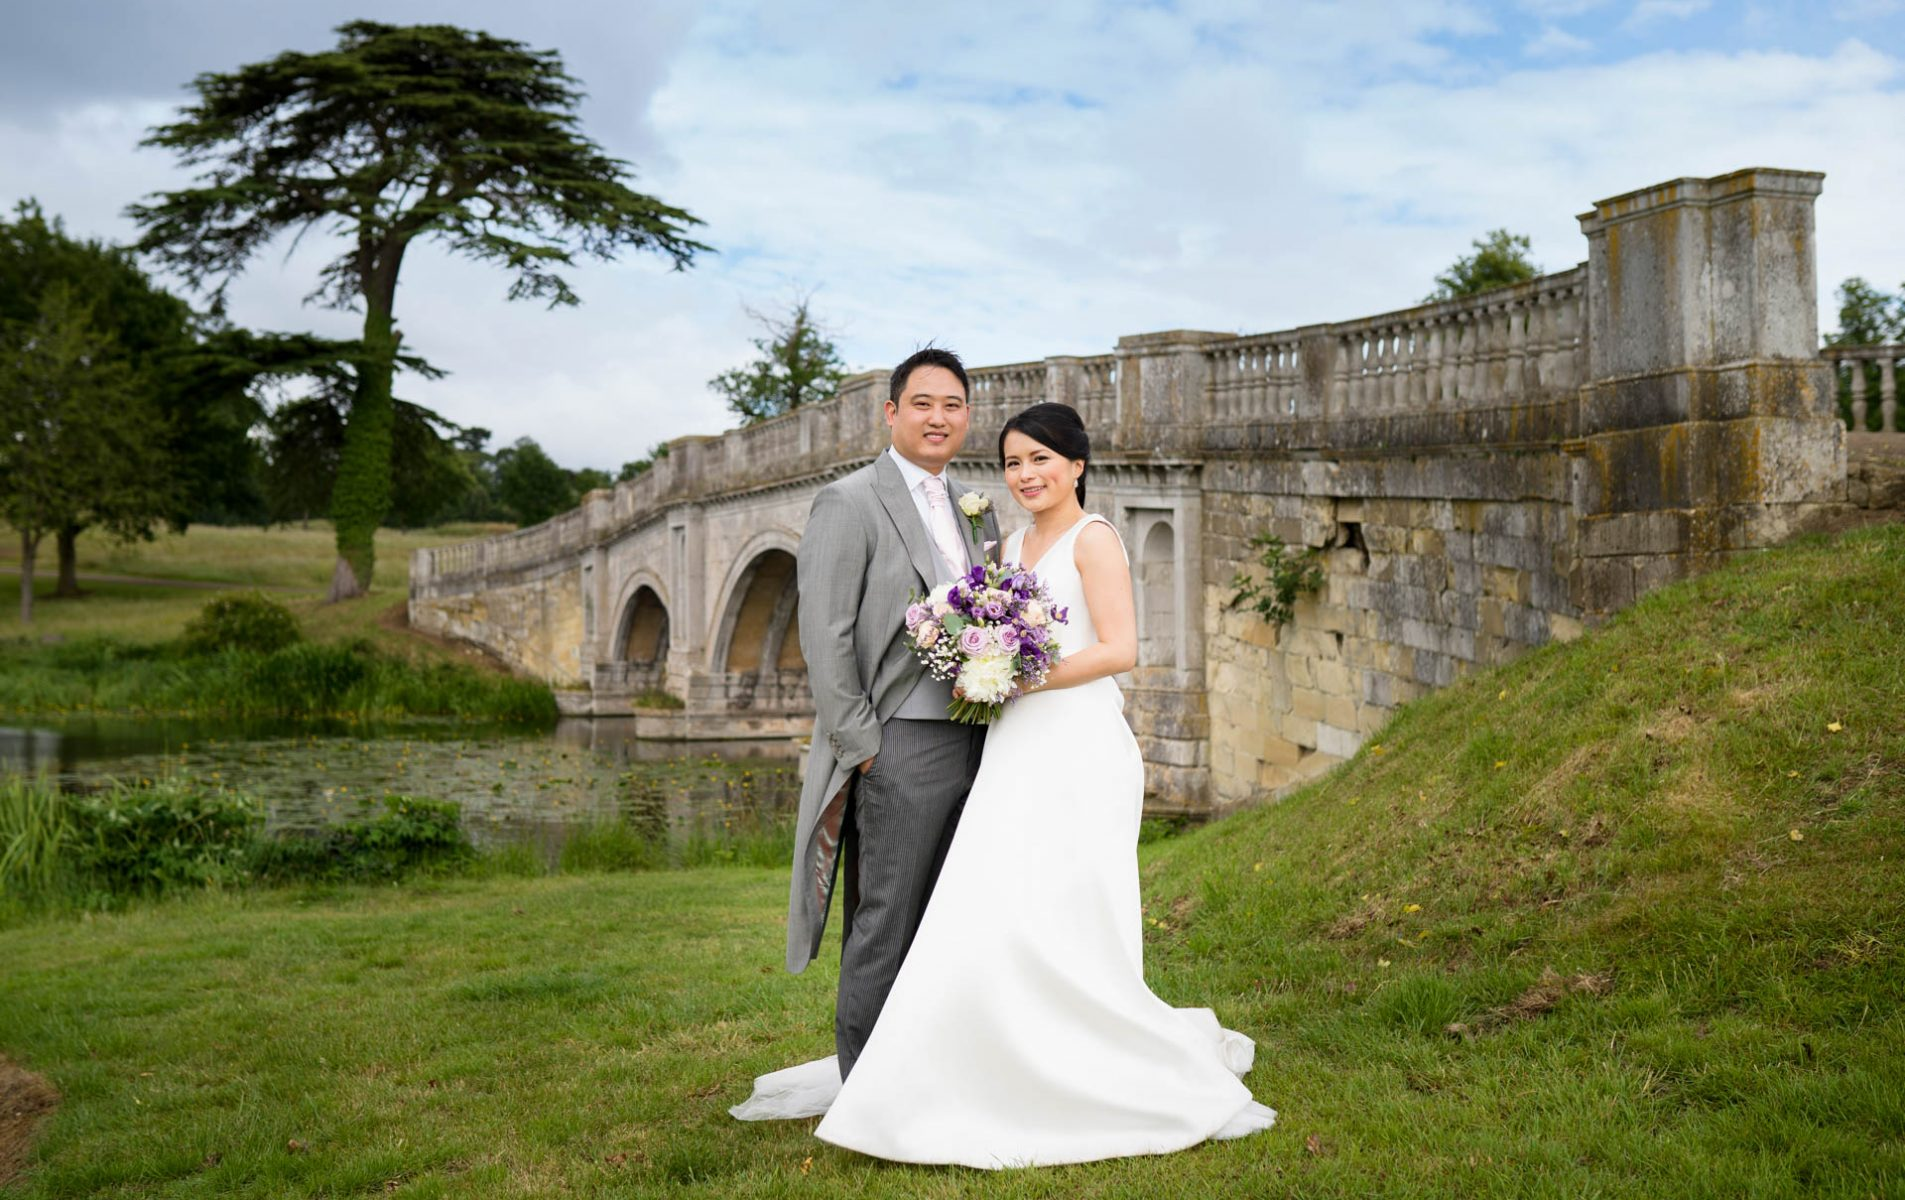 Brocket Hall Wedding - Kamin and Chris